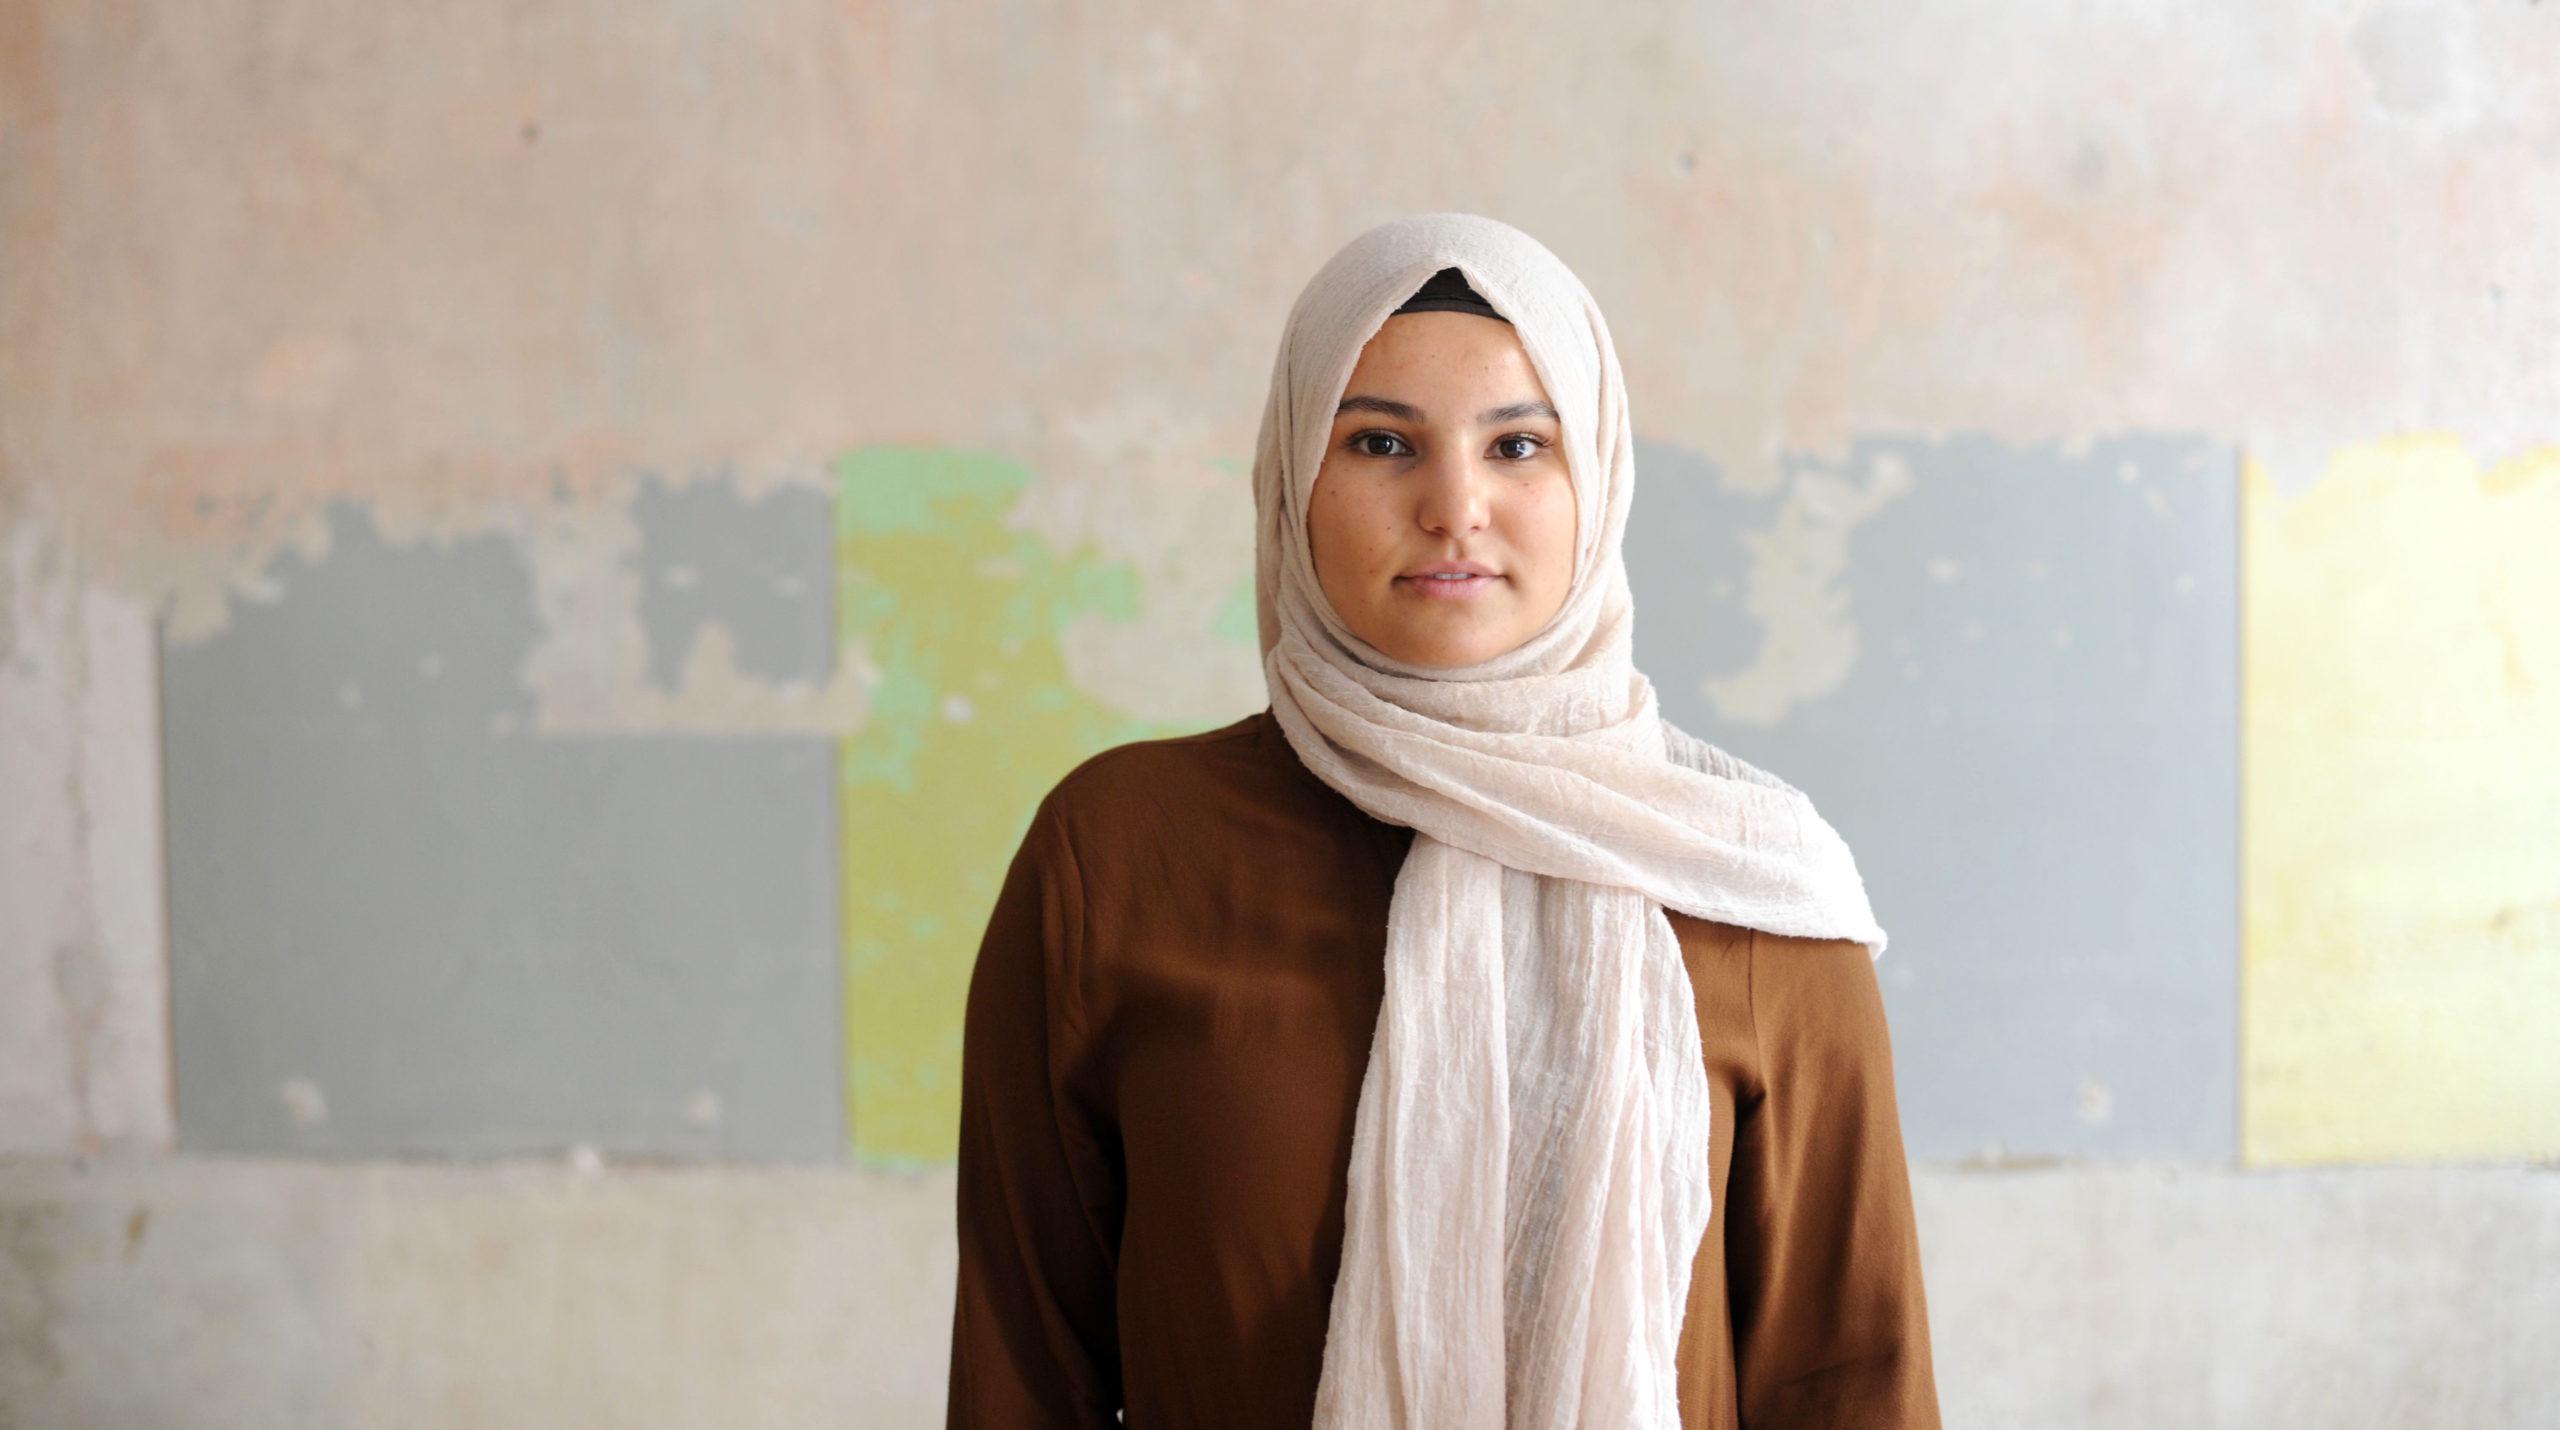 Coole KopftuchmädchenVielfalt muslimischer Frauen sichtbar machen